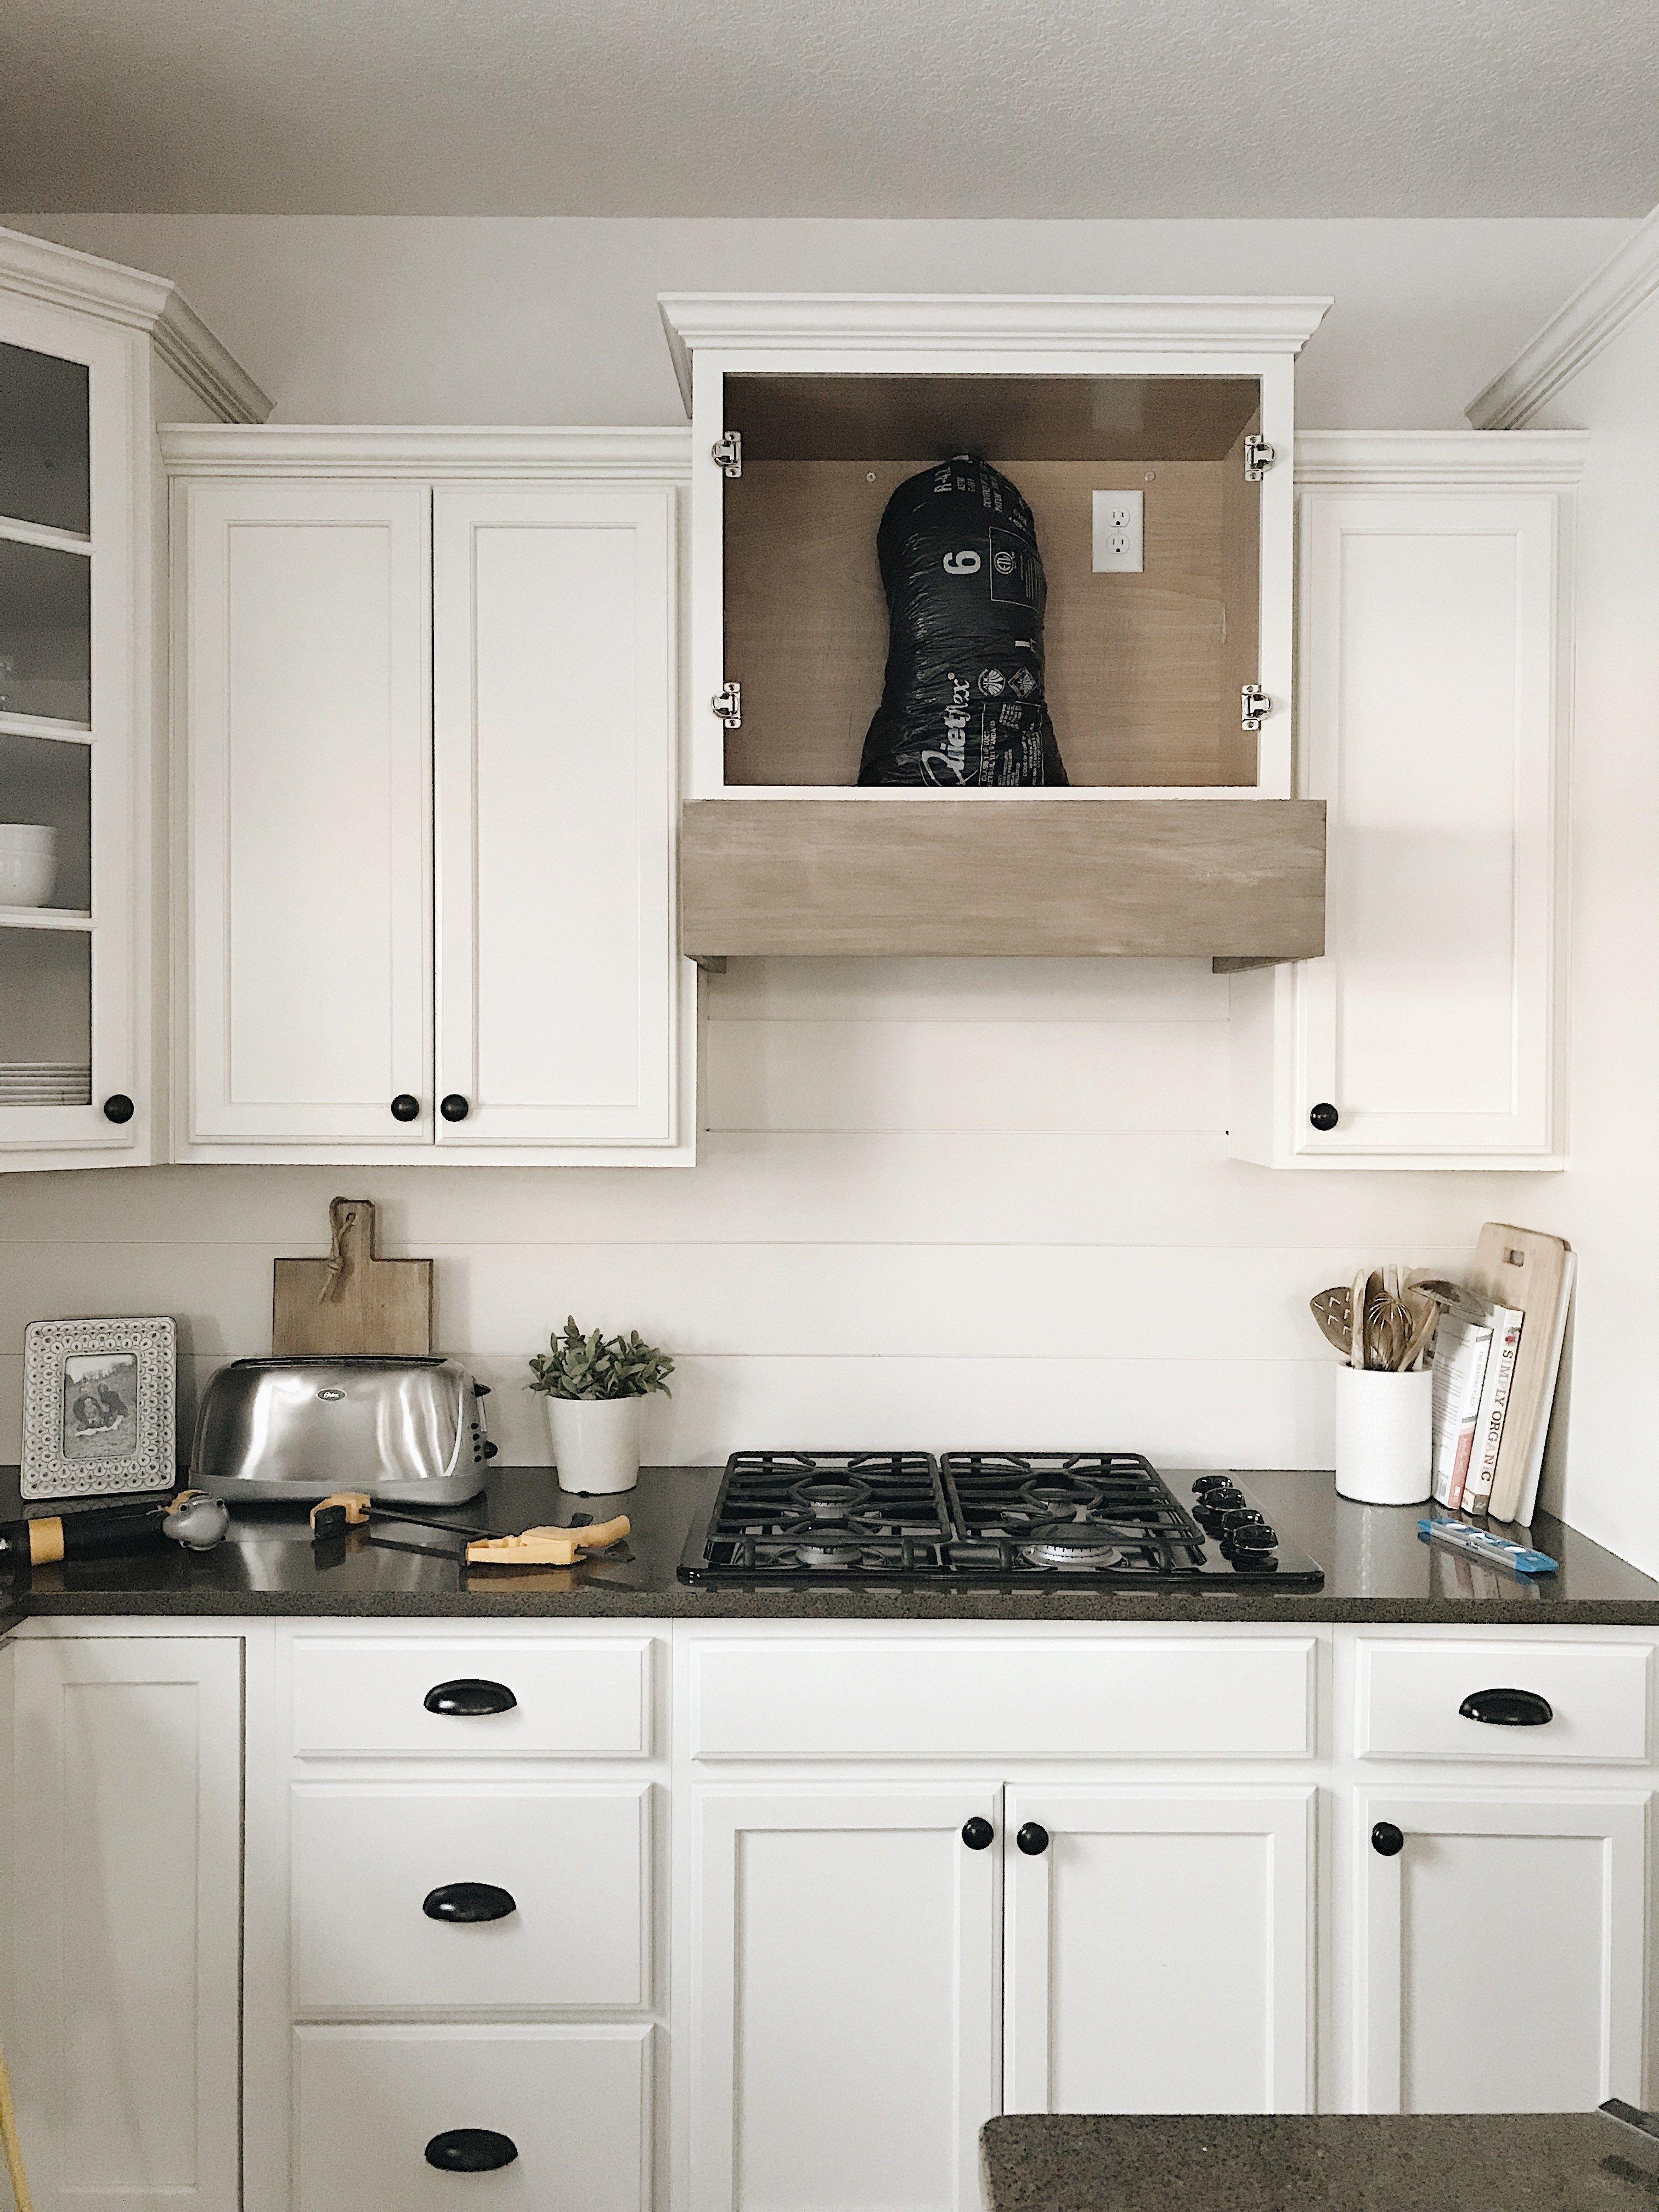 Diy Kitchen Vent Hood Kitchen Vent Kitchen Vent Hood Diy Kitchen